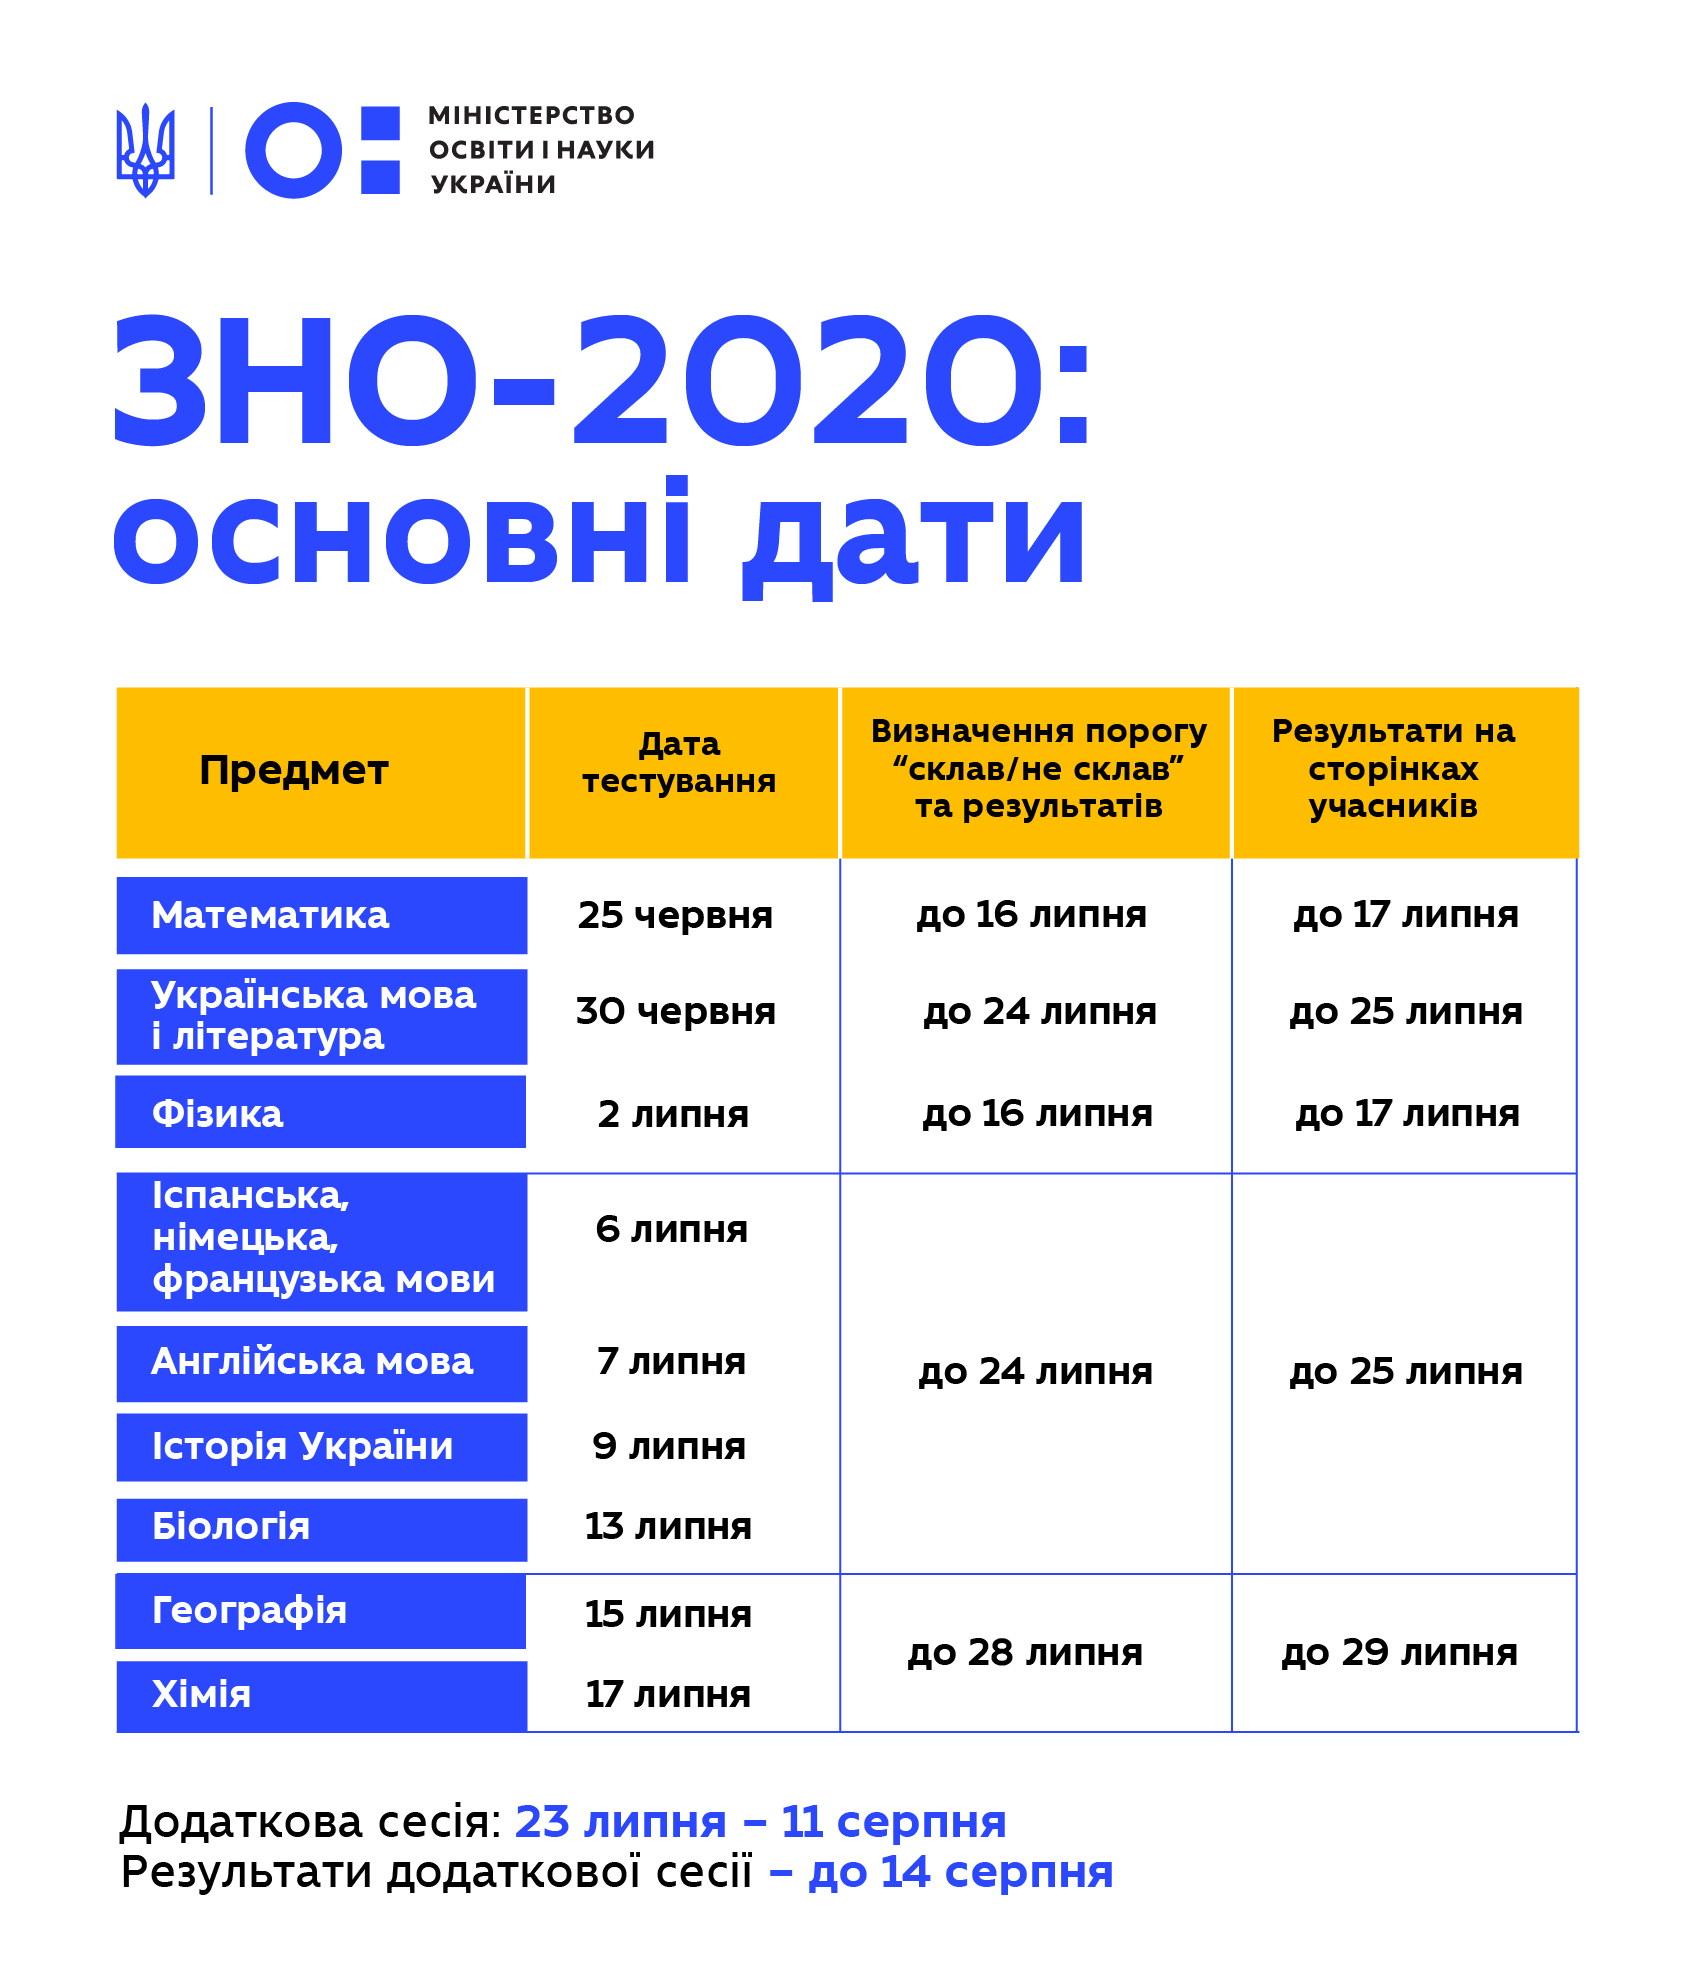 Особливості проведення ЗНО для випускників Донеччини - Фото №1